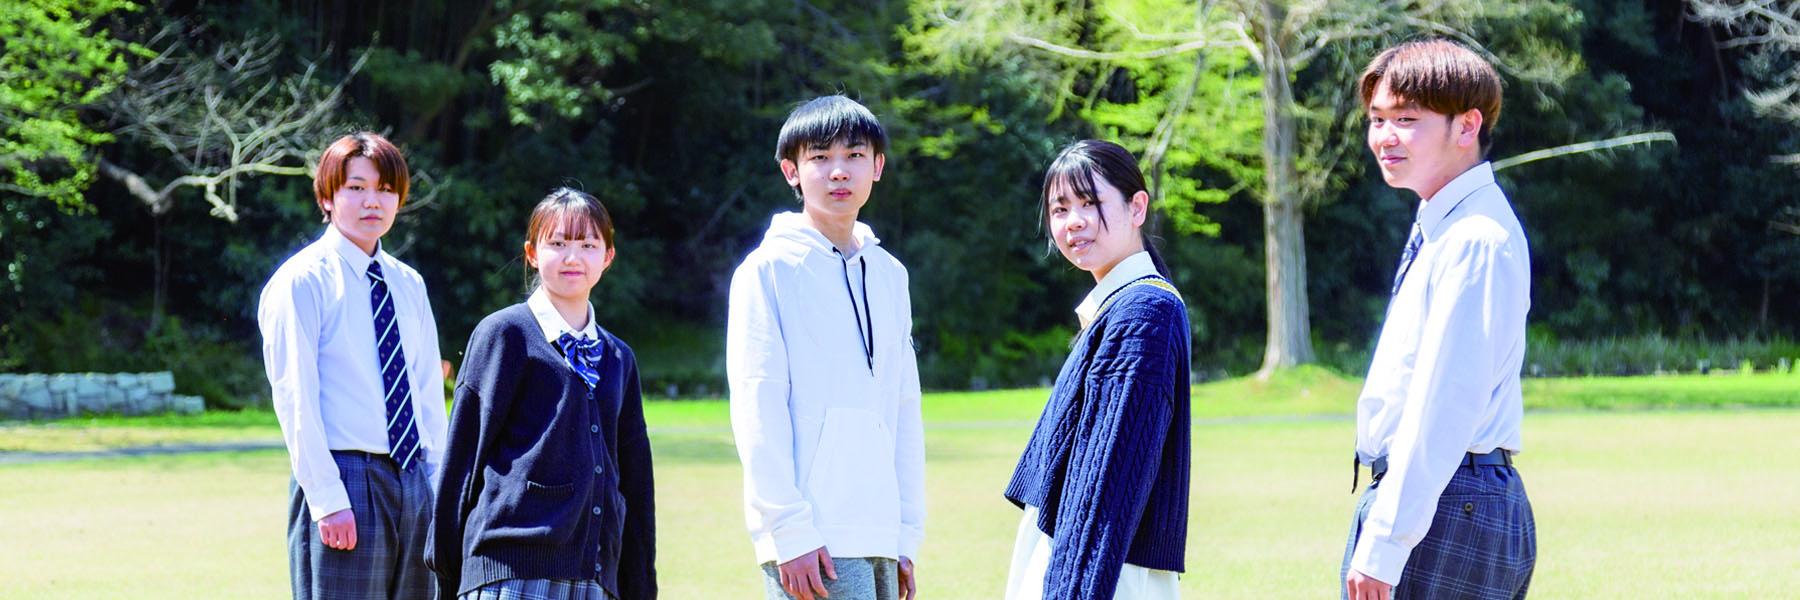 平成学園の特徴